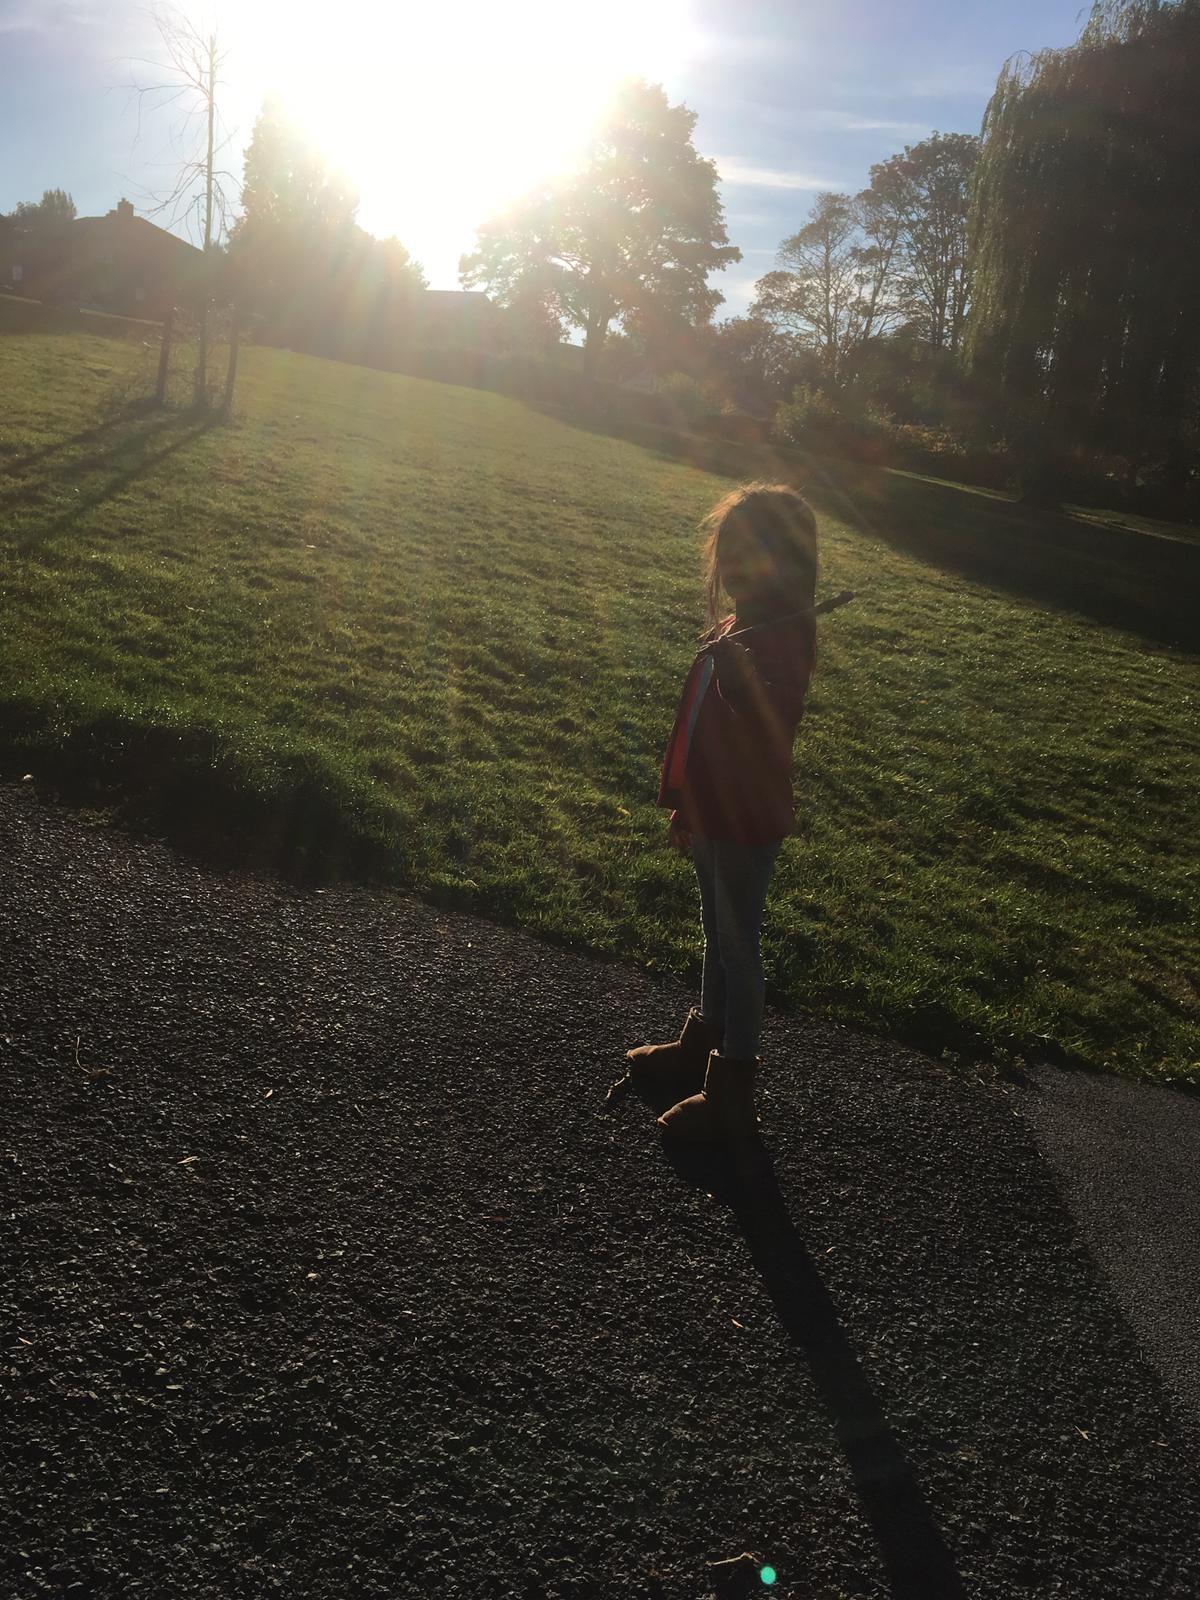 sun at the park